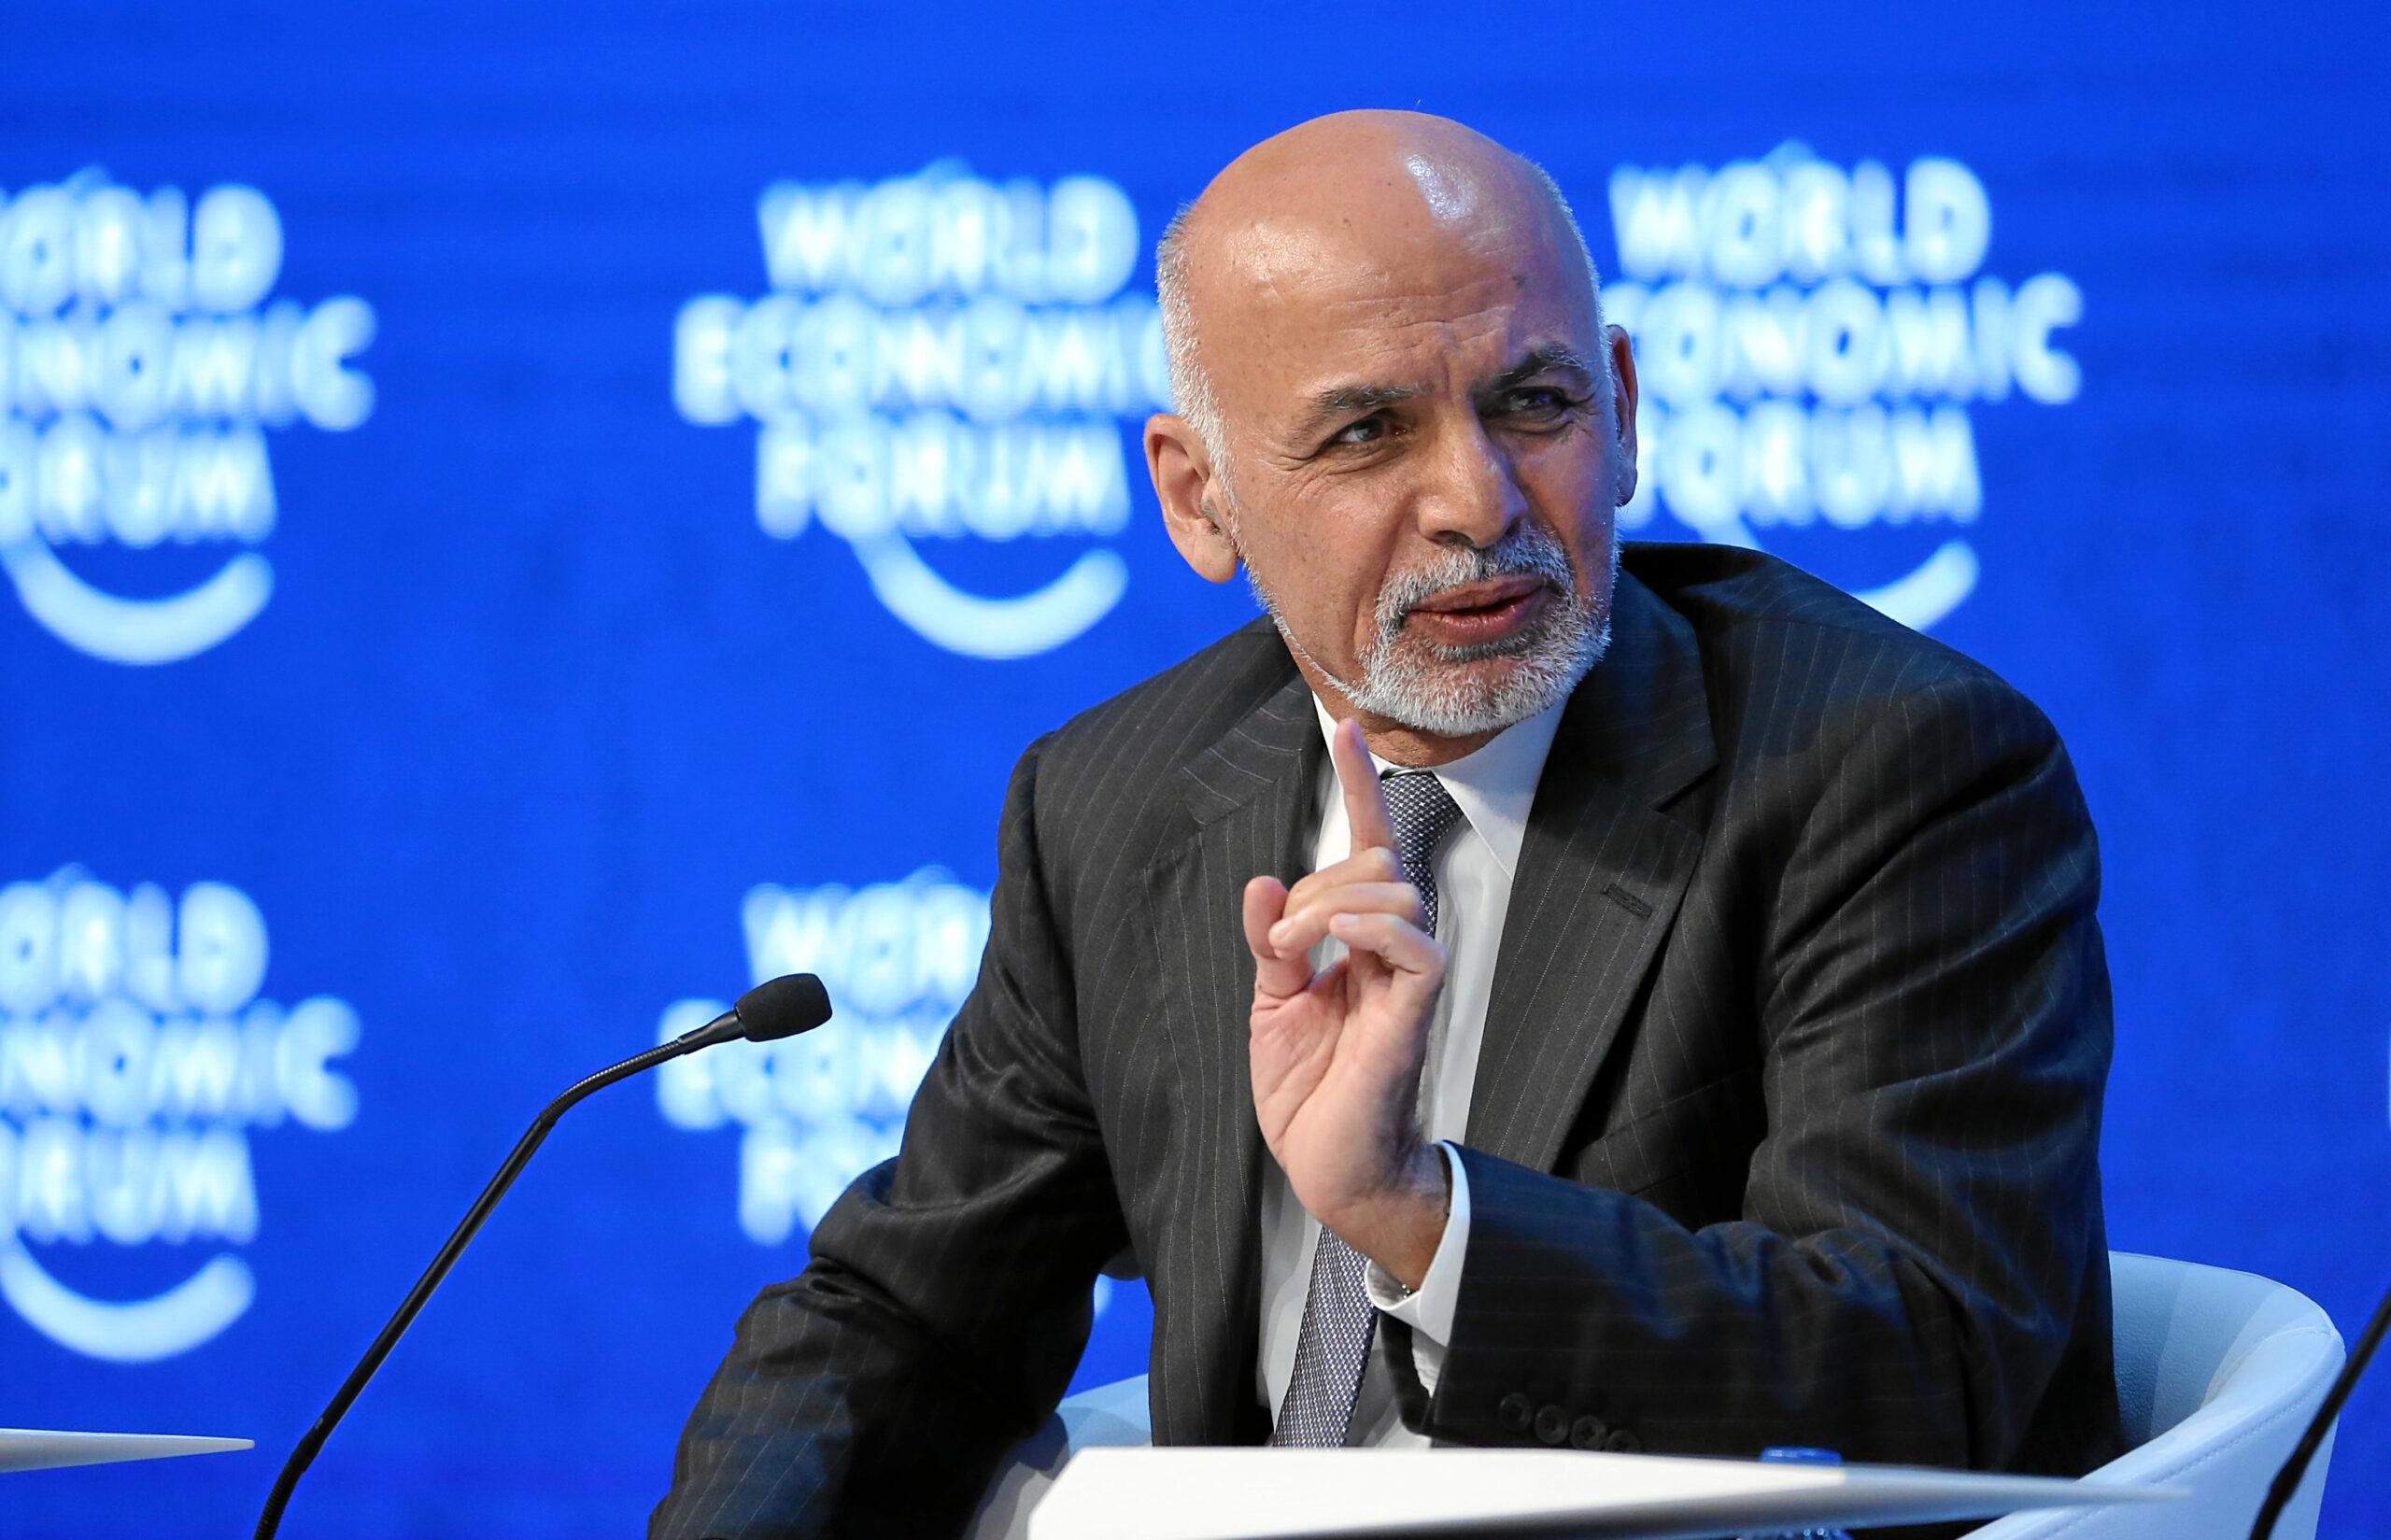 Afganistan: Talibowie dalej atakują, prezydent prowadzi konsultacje